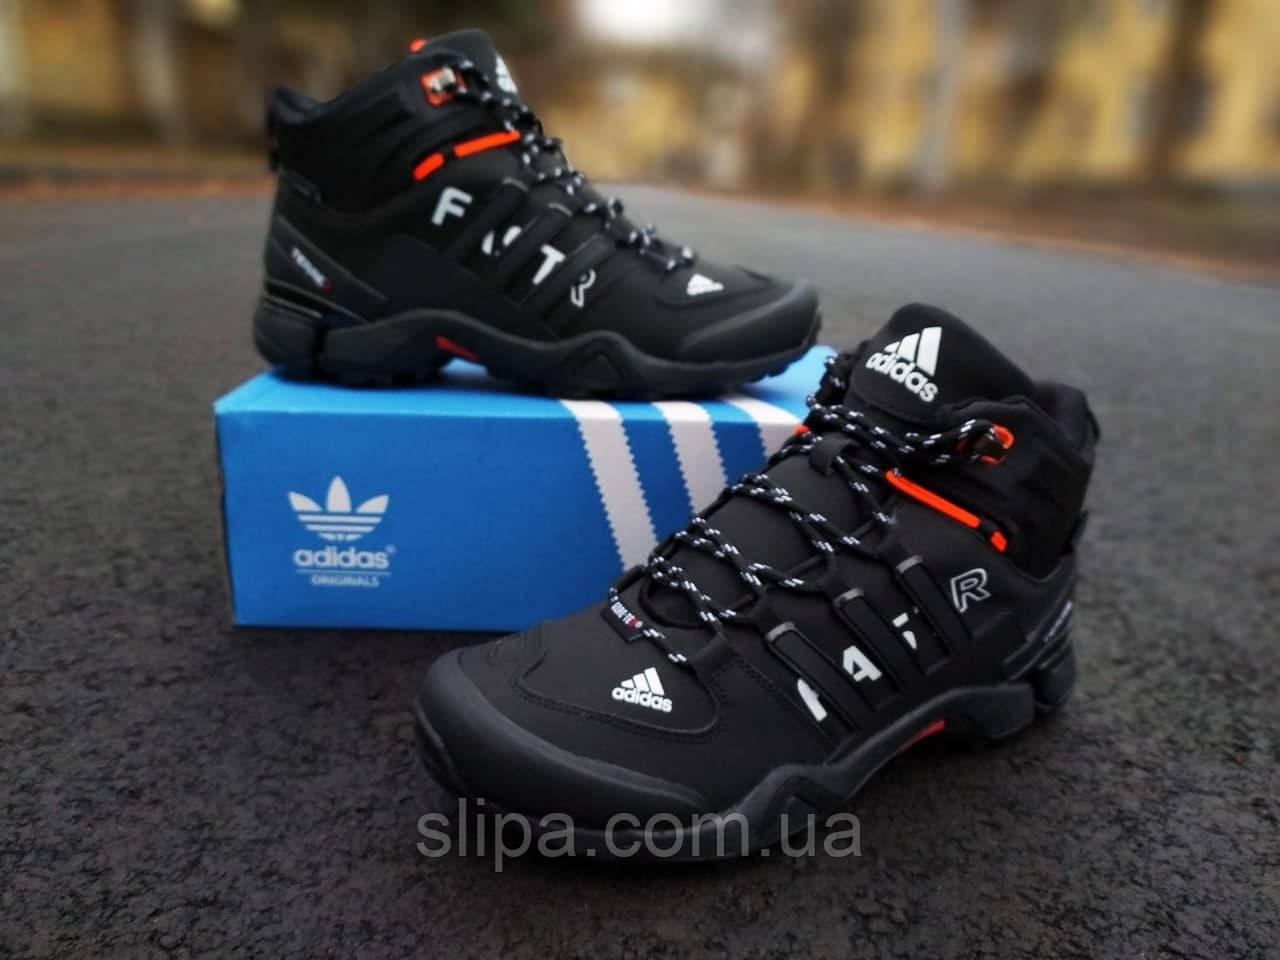 Мужские зимние кроссовки Adidas Terrex Gore Tex чёрные